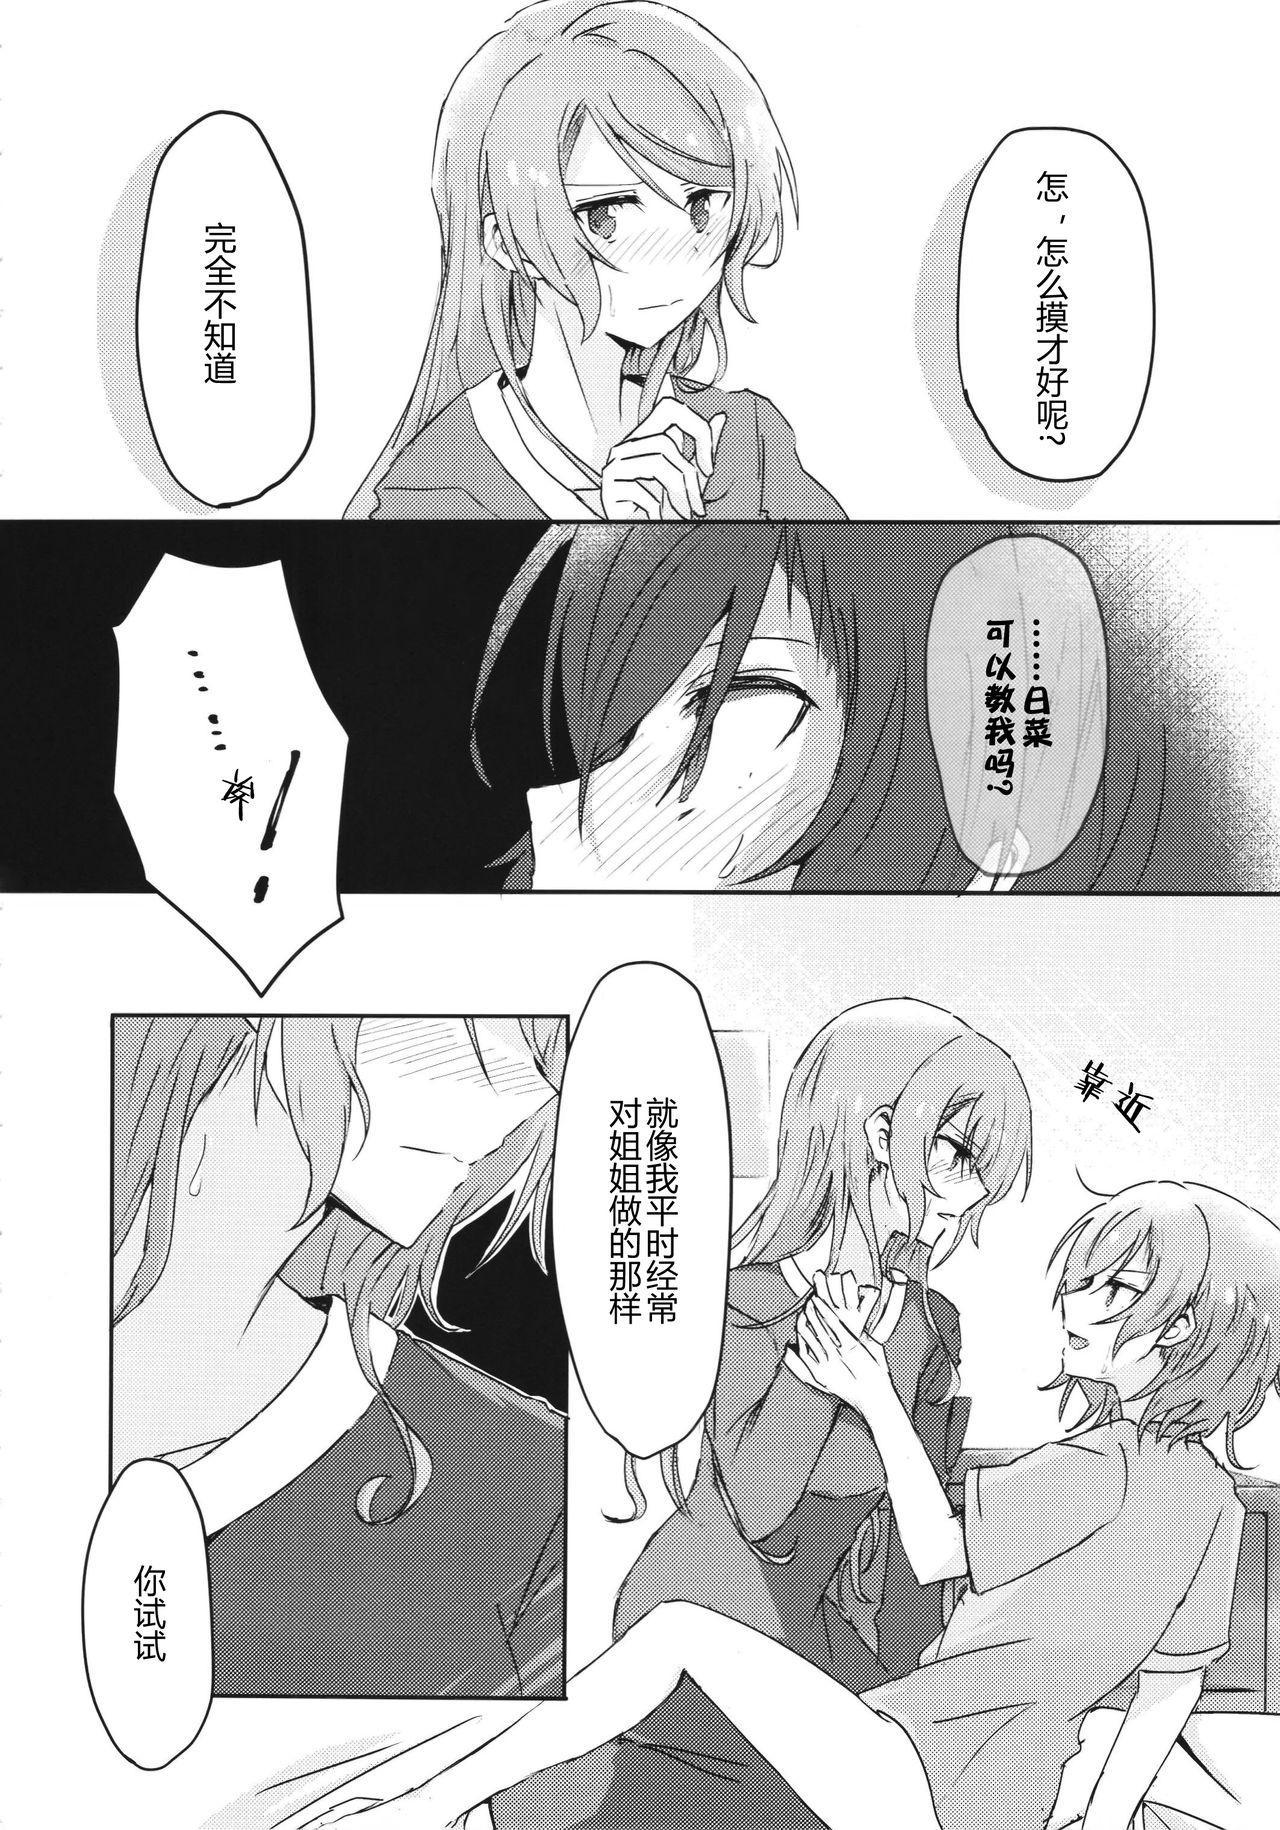 氷川姉妹18禁合同「今日は一緒に寝てもいい?」 11